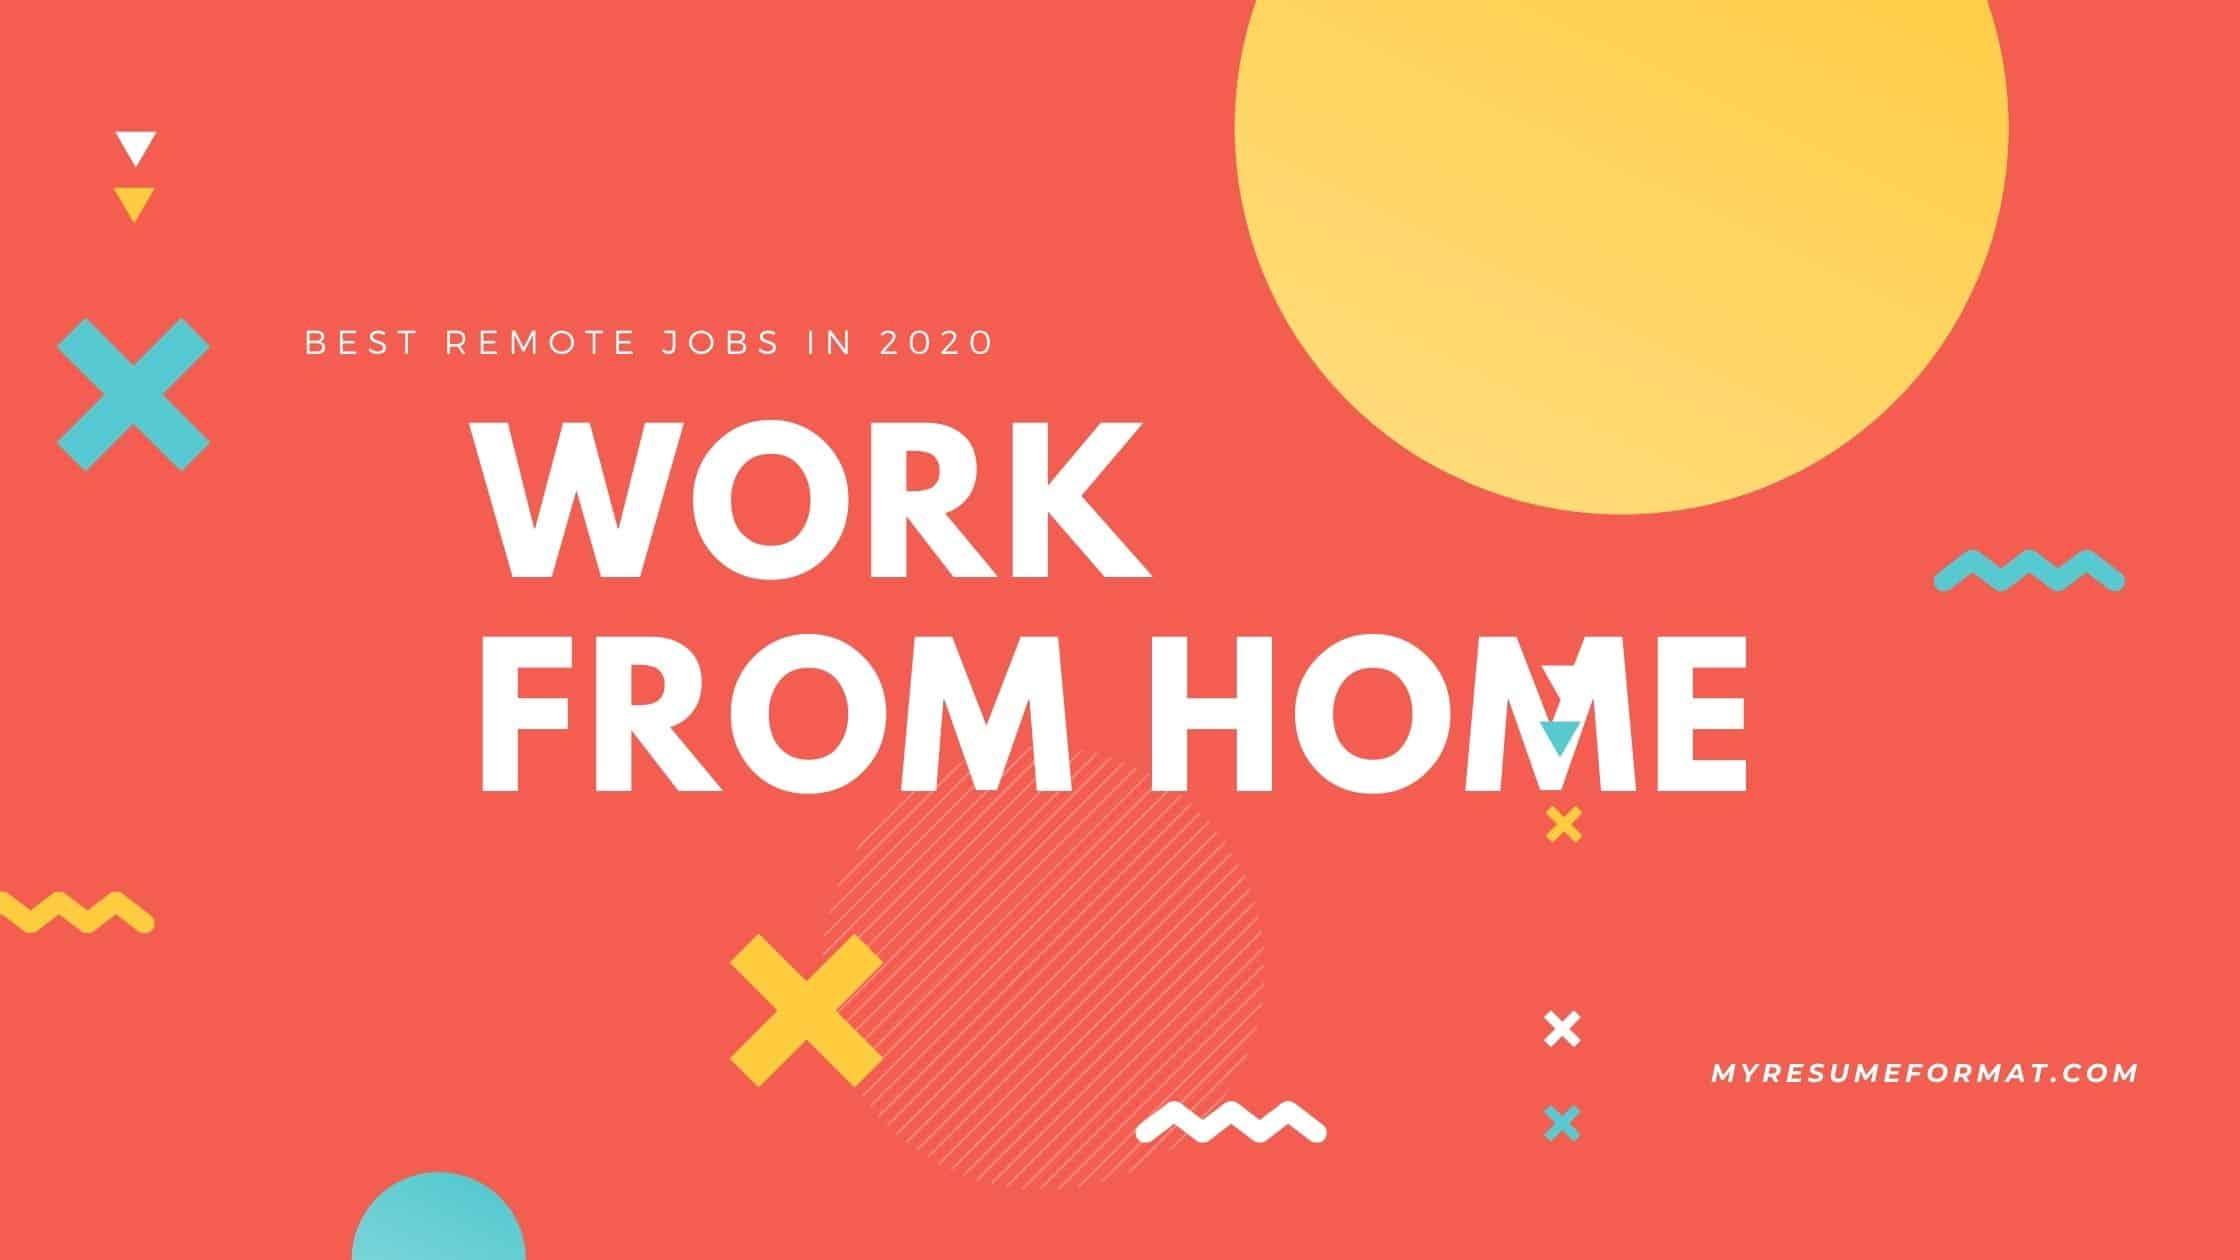 reomote jobs wfh